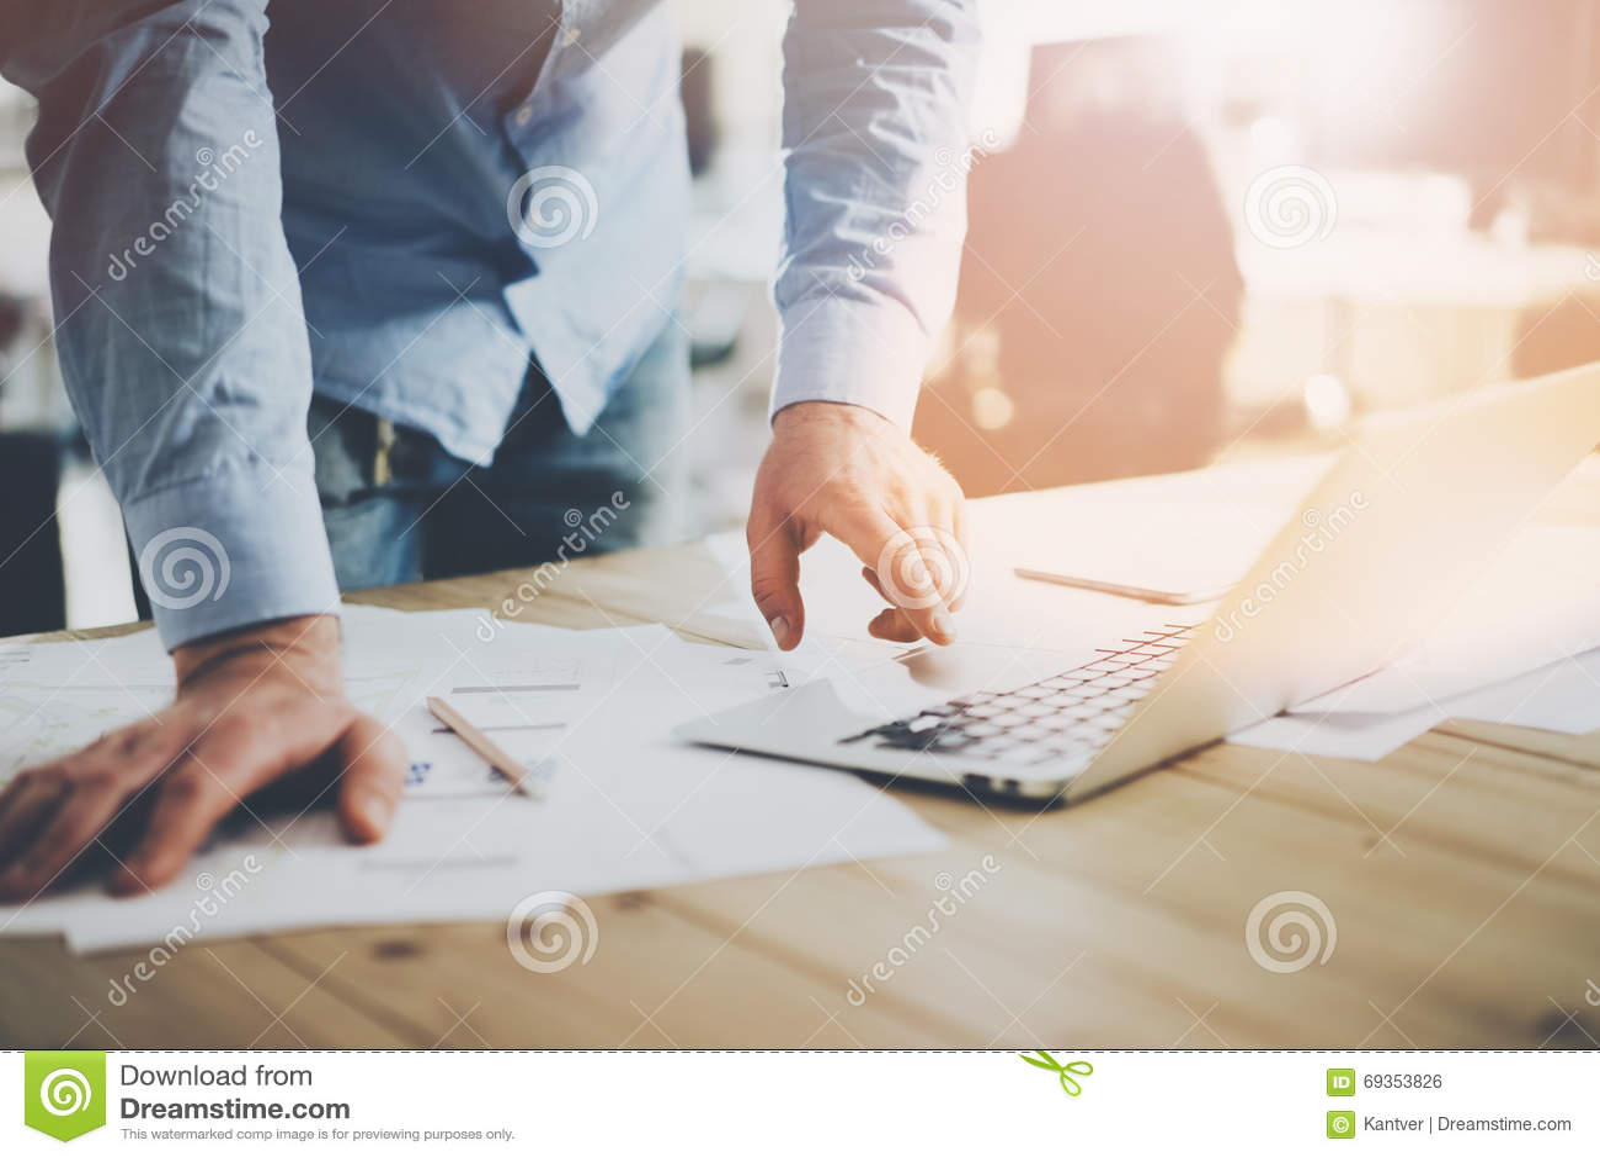 Mundo de la oficina Hombre de negocios que trabaja en la tabla de madera con nuevo proyecto del negocio en lugar coworking modern